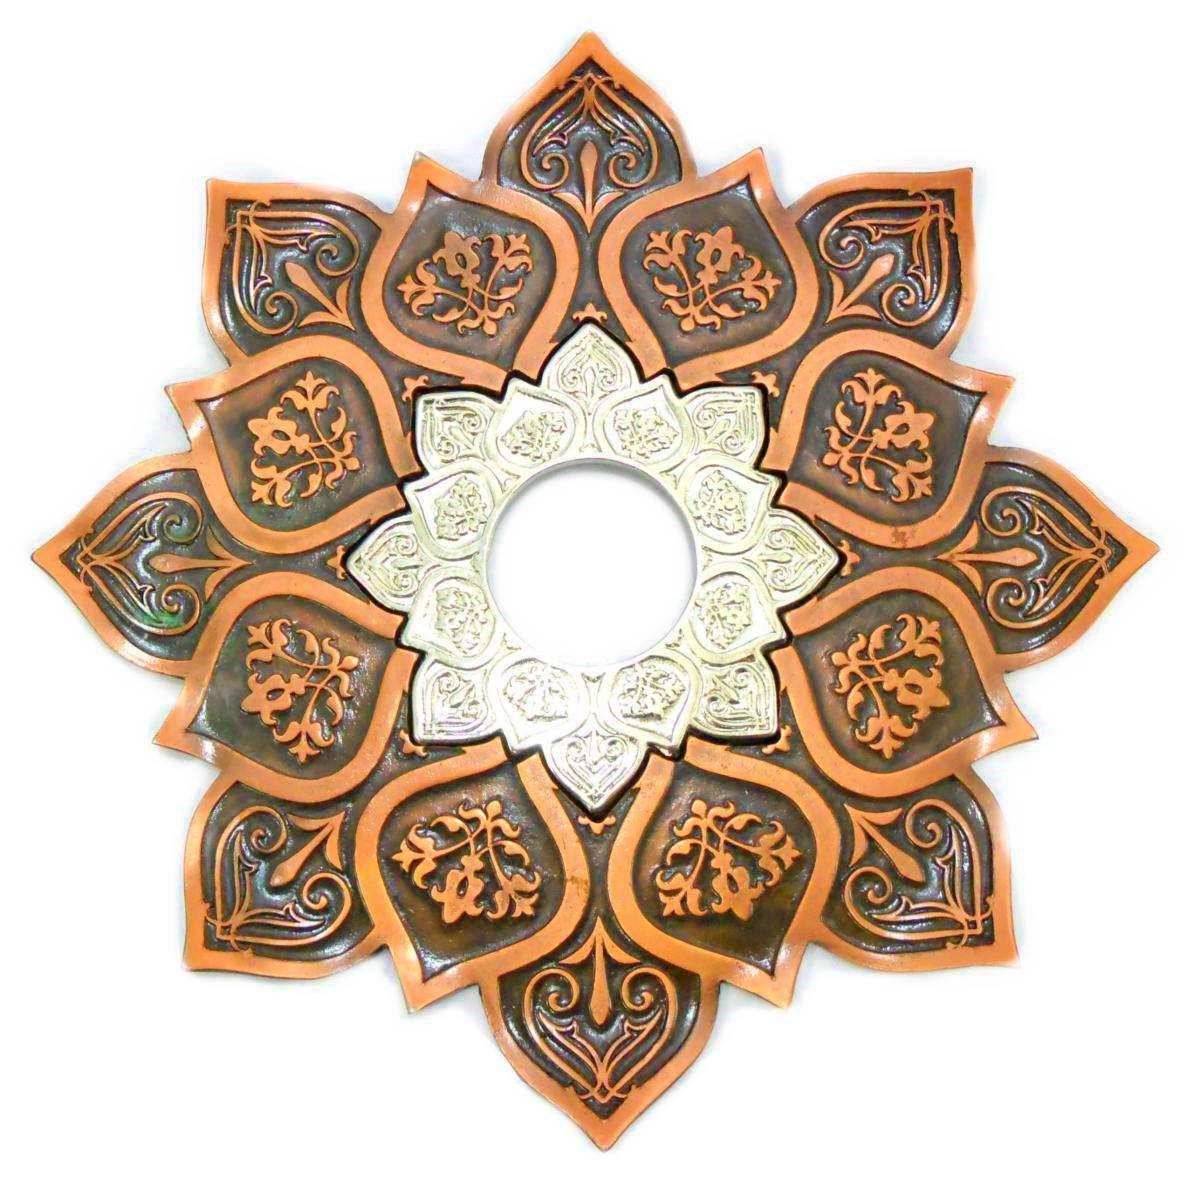 Prato para narguile mod. Athenas 23cm em liga metálica inox e decorado. Cor COBRE centro CROMADO.